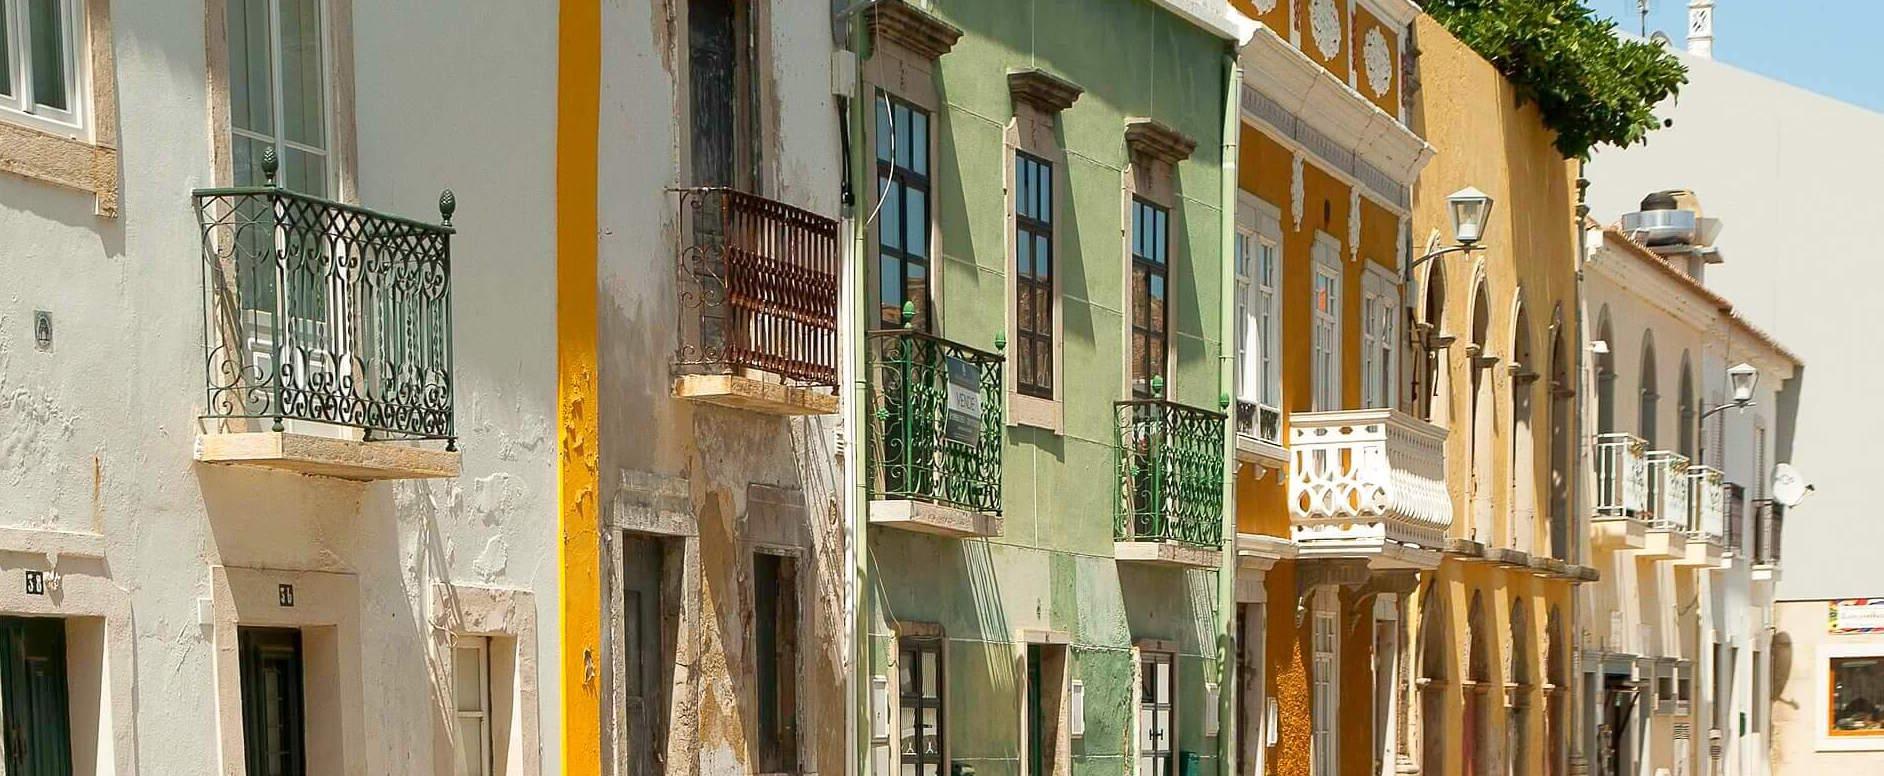 Visite de la ville de Lagos - Algarve